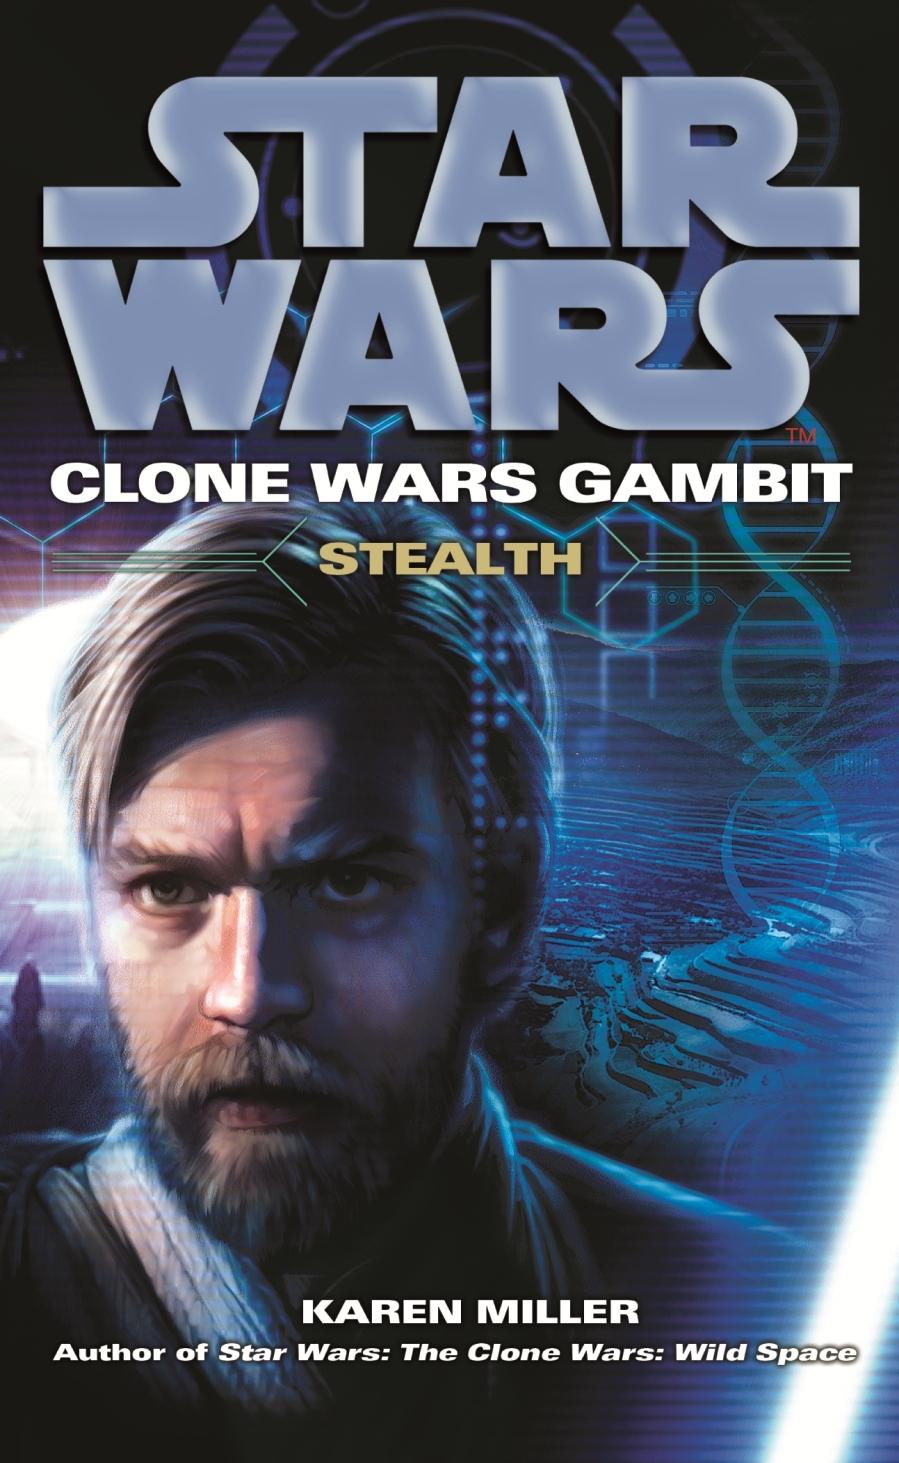 Star Wars Clone Wars Gambit: Stealth